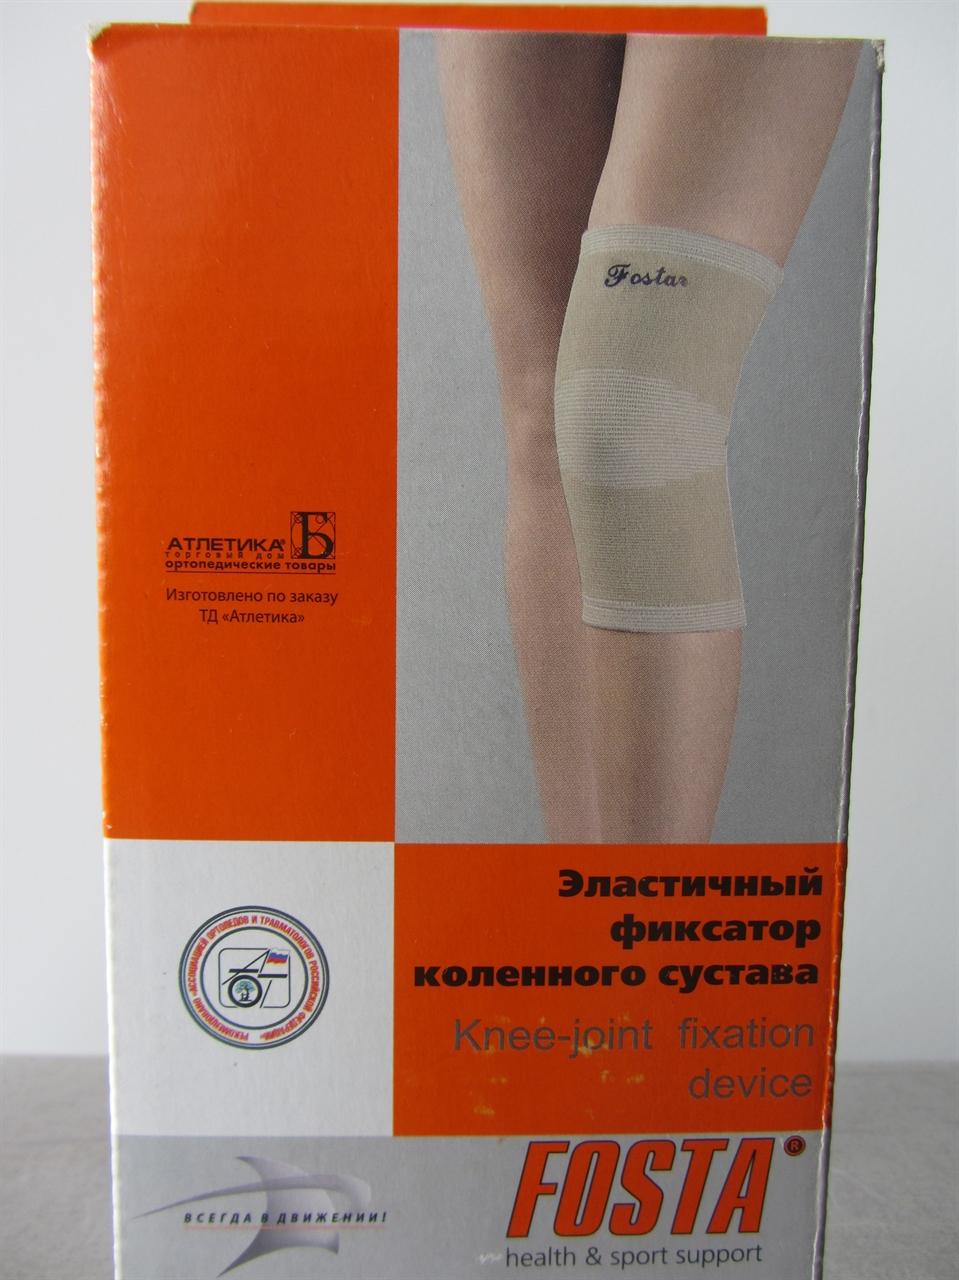 Фиксатор эластичный на коленный сустав лонгета для фиксации лучезапястного сустава